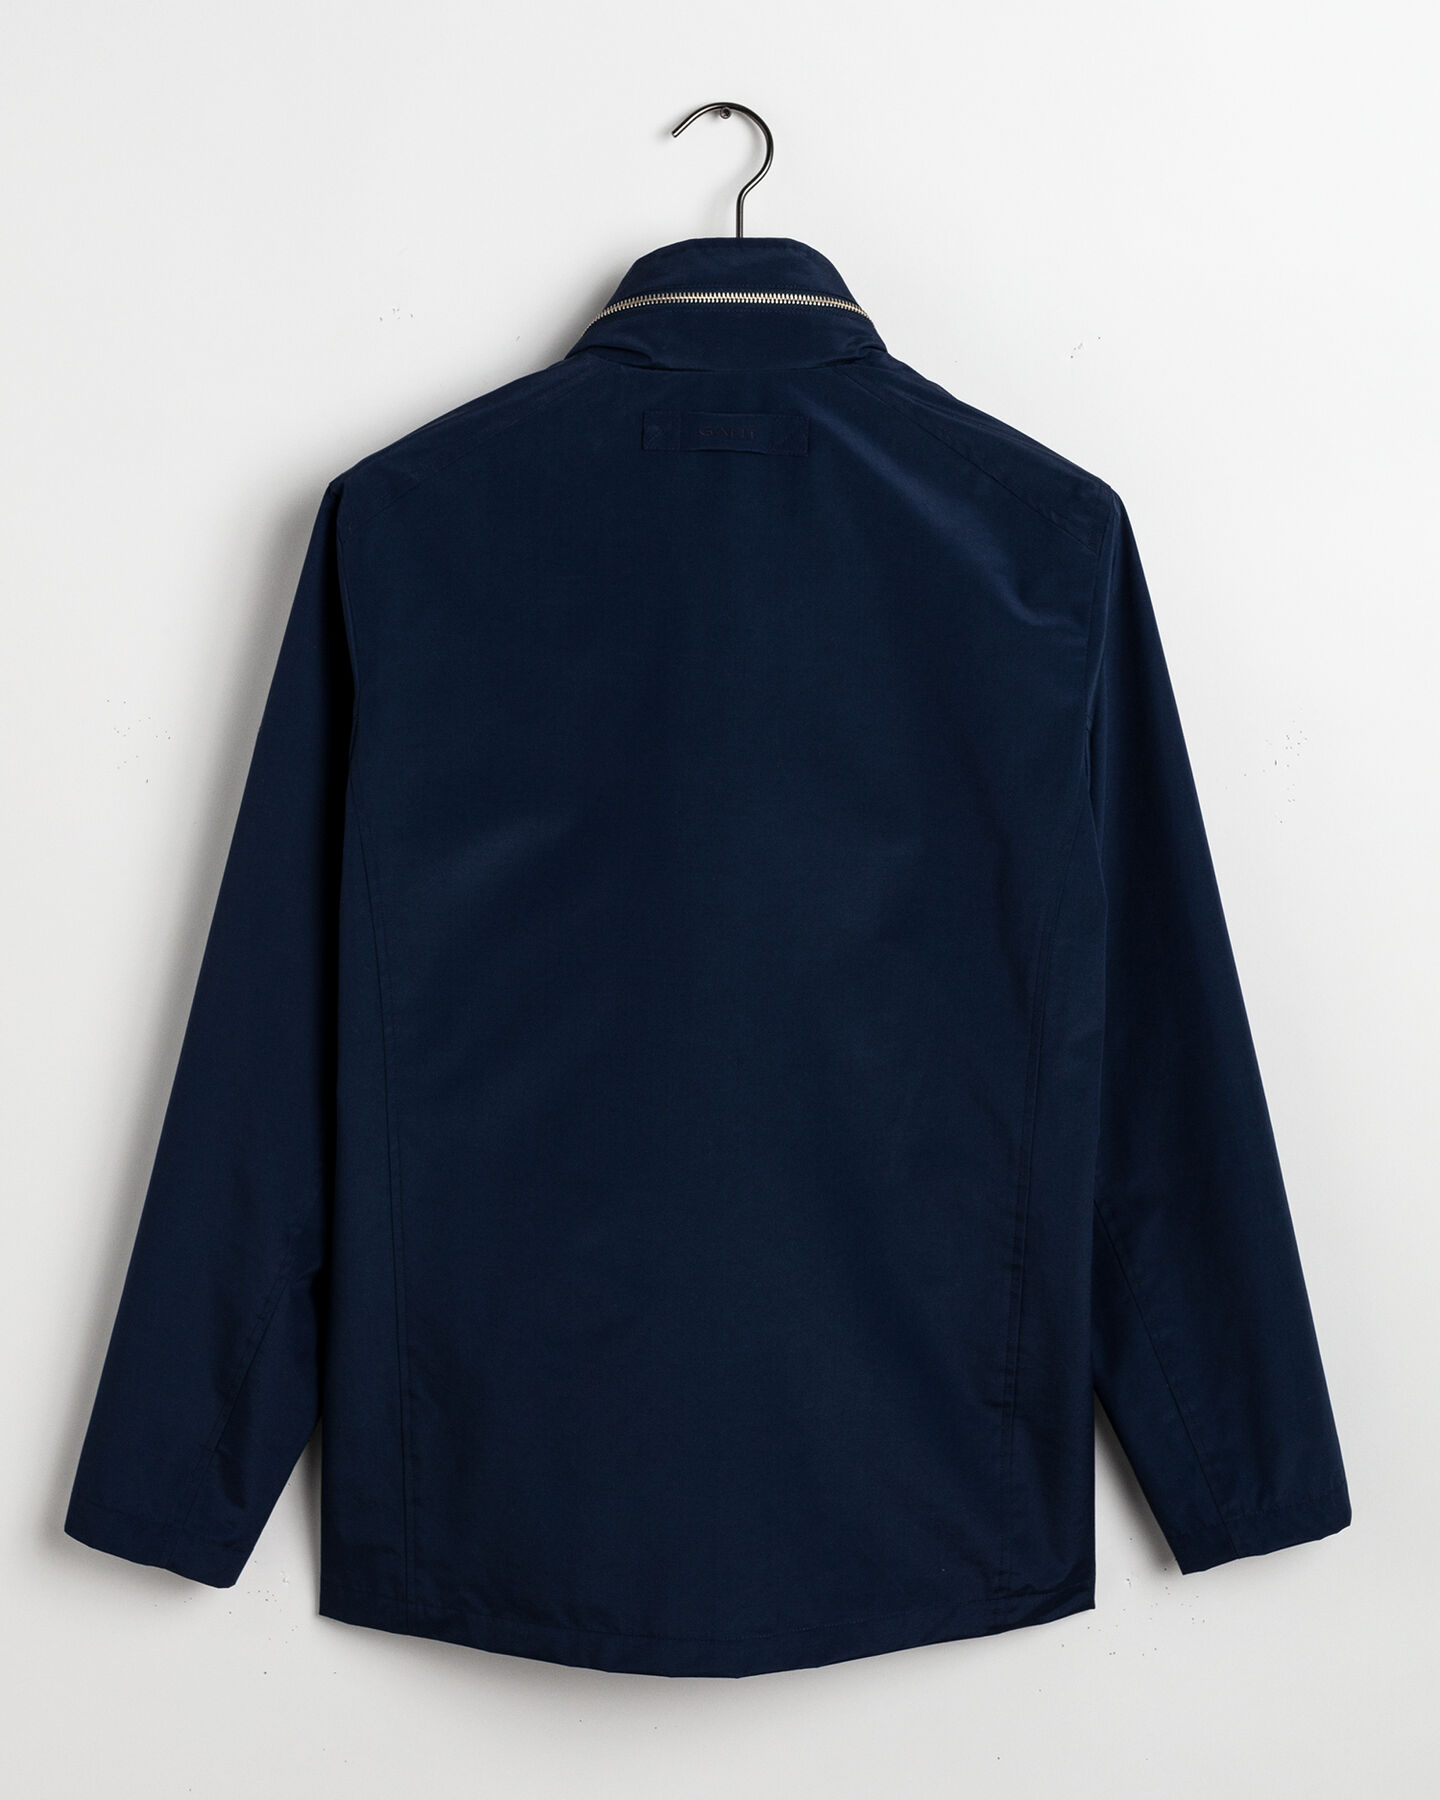 Spring Jacke mit vier Taschen